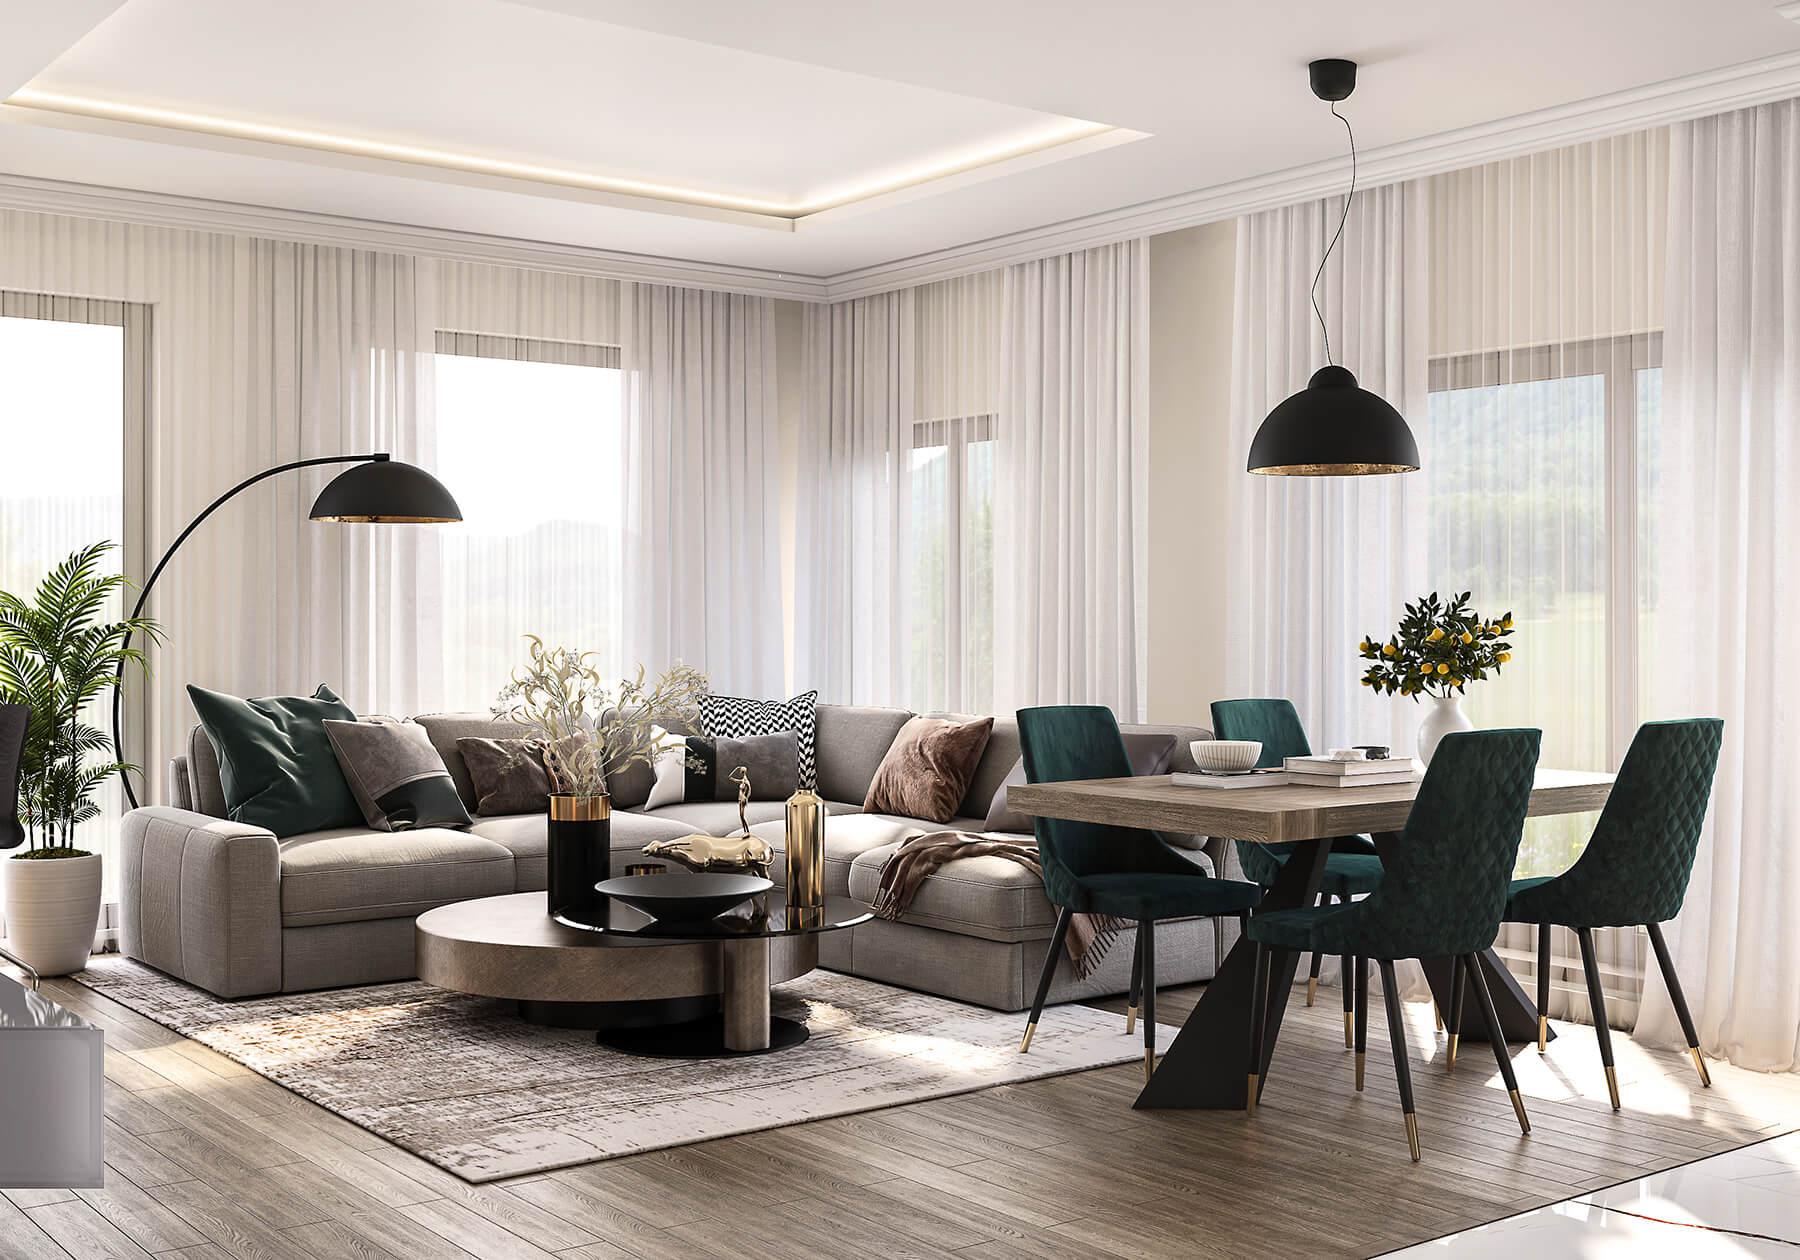 interioren-dizain-proekt-na-vsekidnevna-hol-s-trapezaria